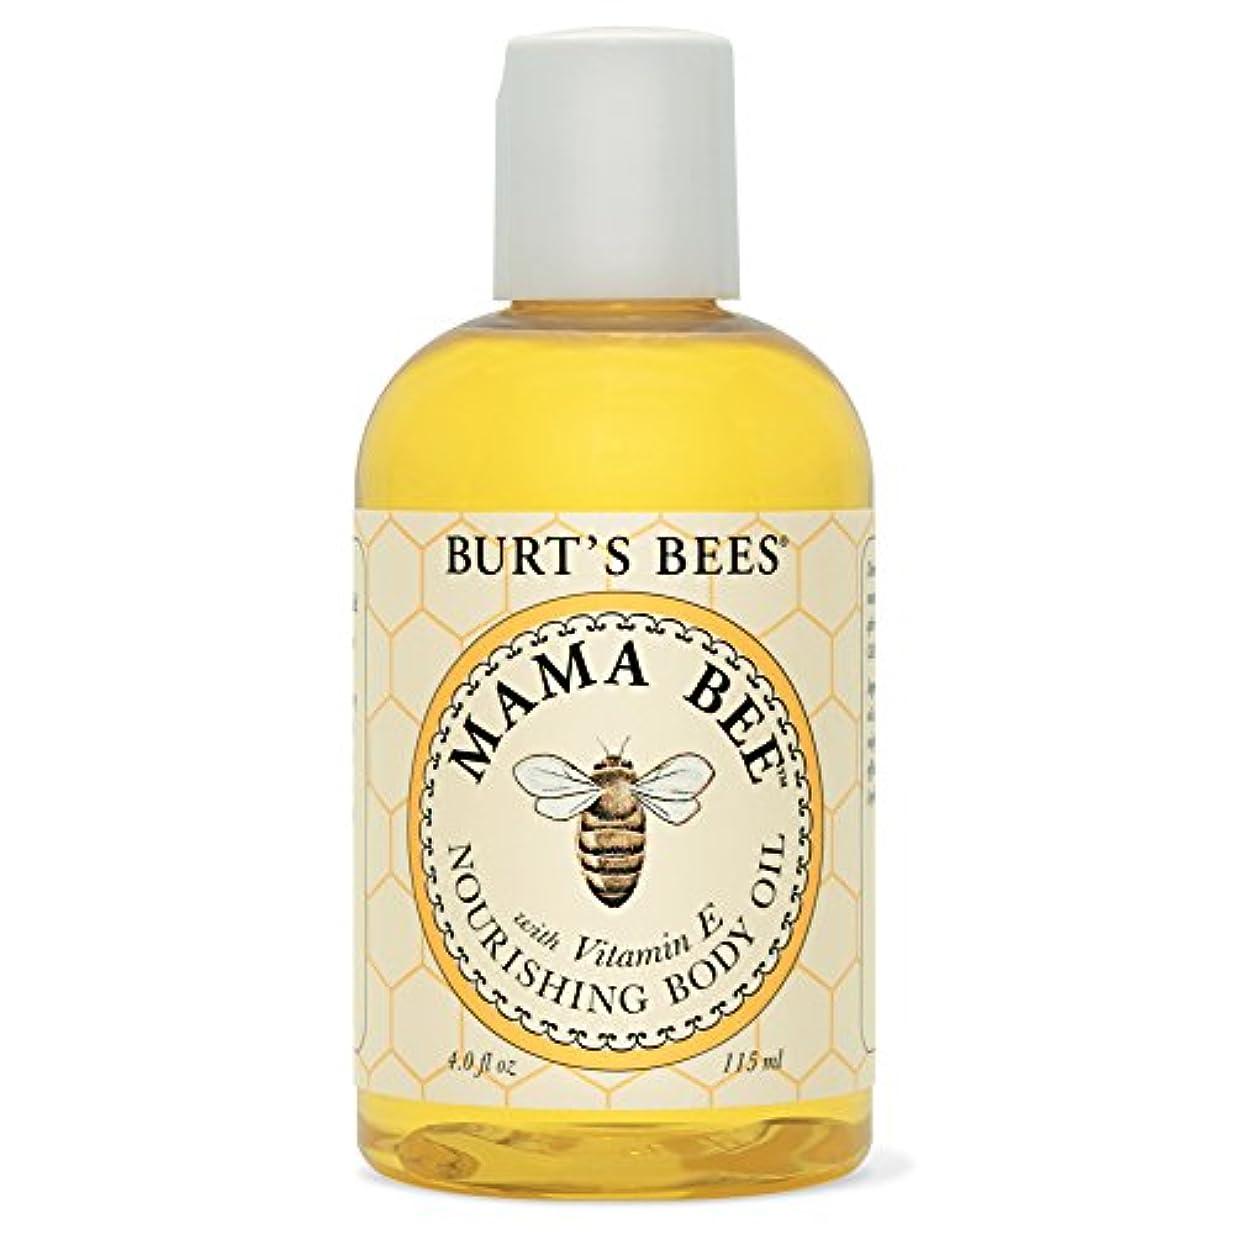 一人で条件付き留め金バーツビーママ蜂栄養ボディオイル115ミリリットル (Burt's Bees) (x6) - Burt's Bees Mama Bee Nourishing Body Oil 115ml (Pack of 6) [並行輸入品]